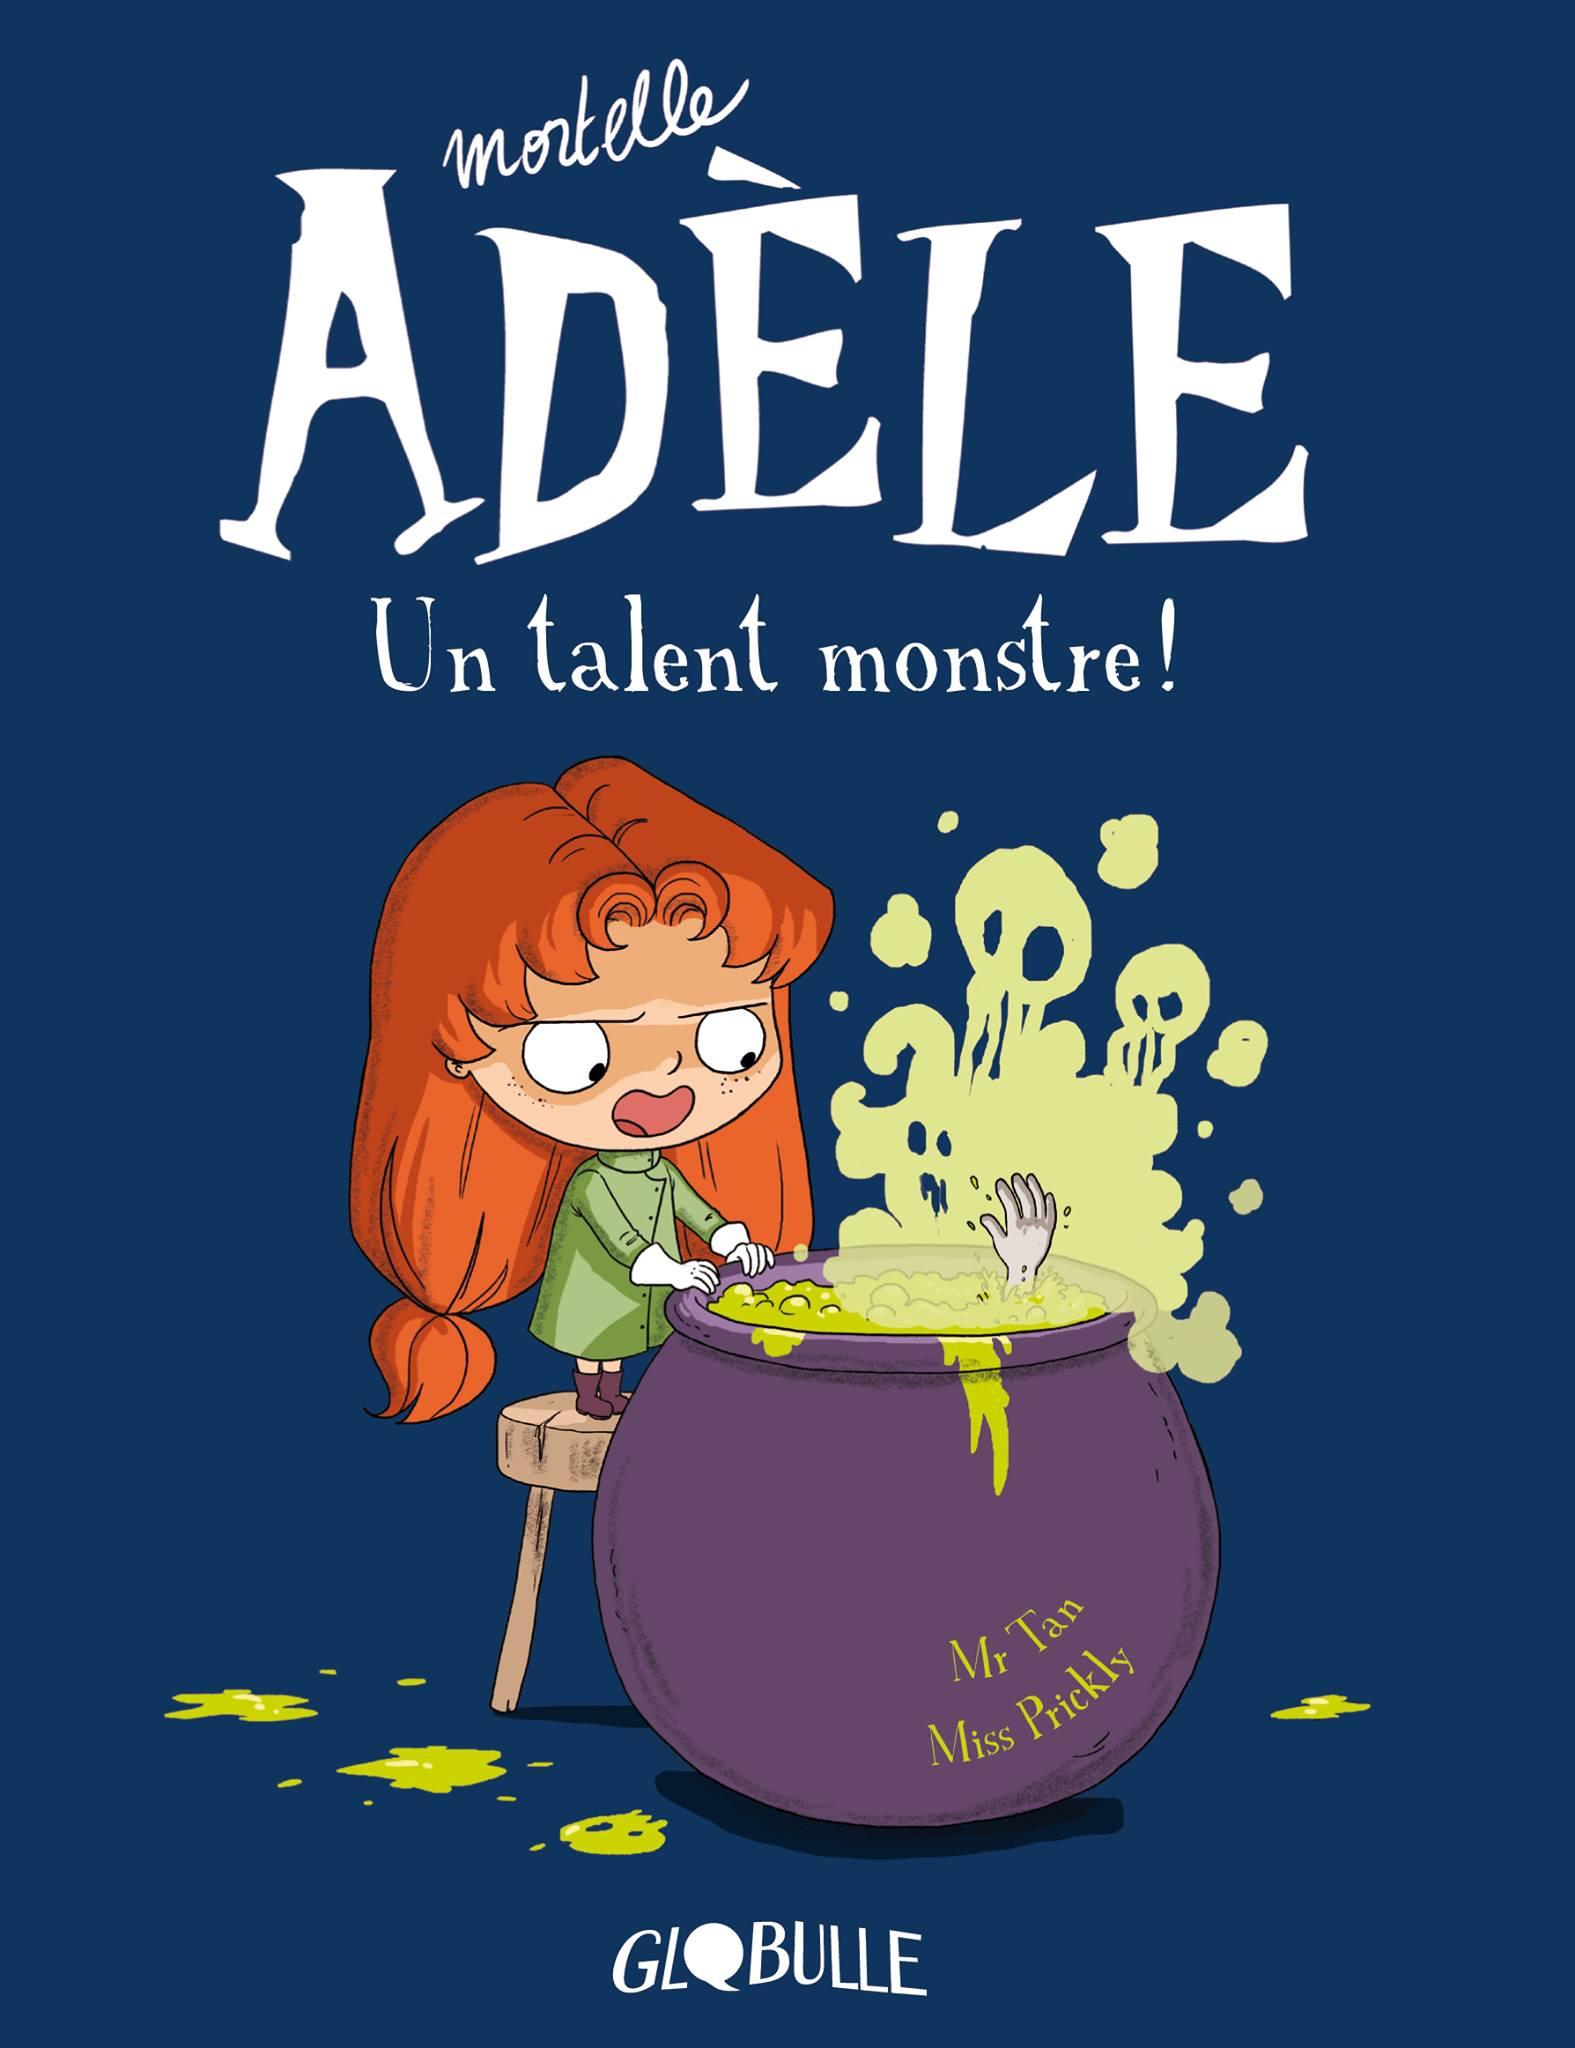 Image de couverture d'un des albums de la série Mortelle Adèle